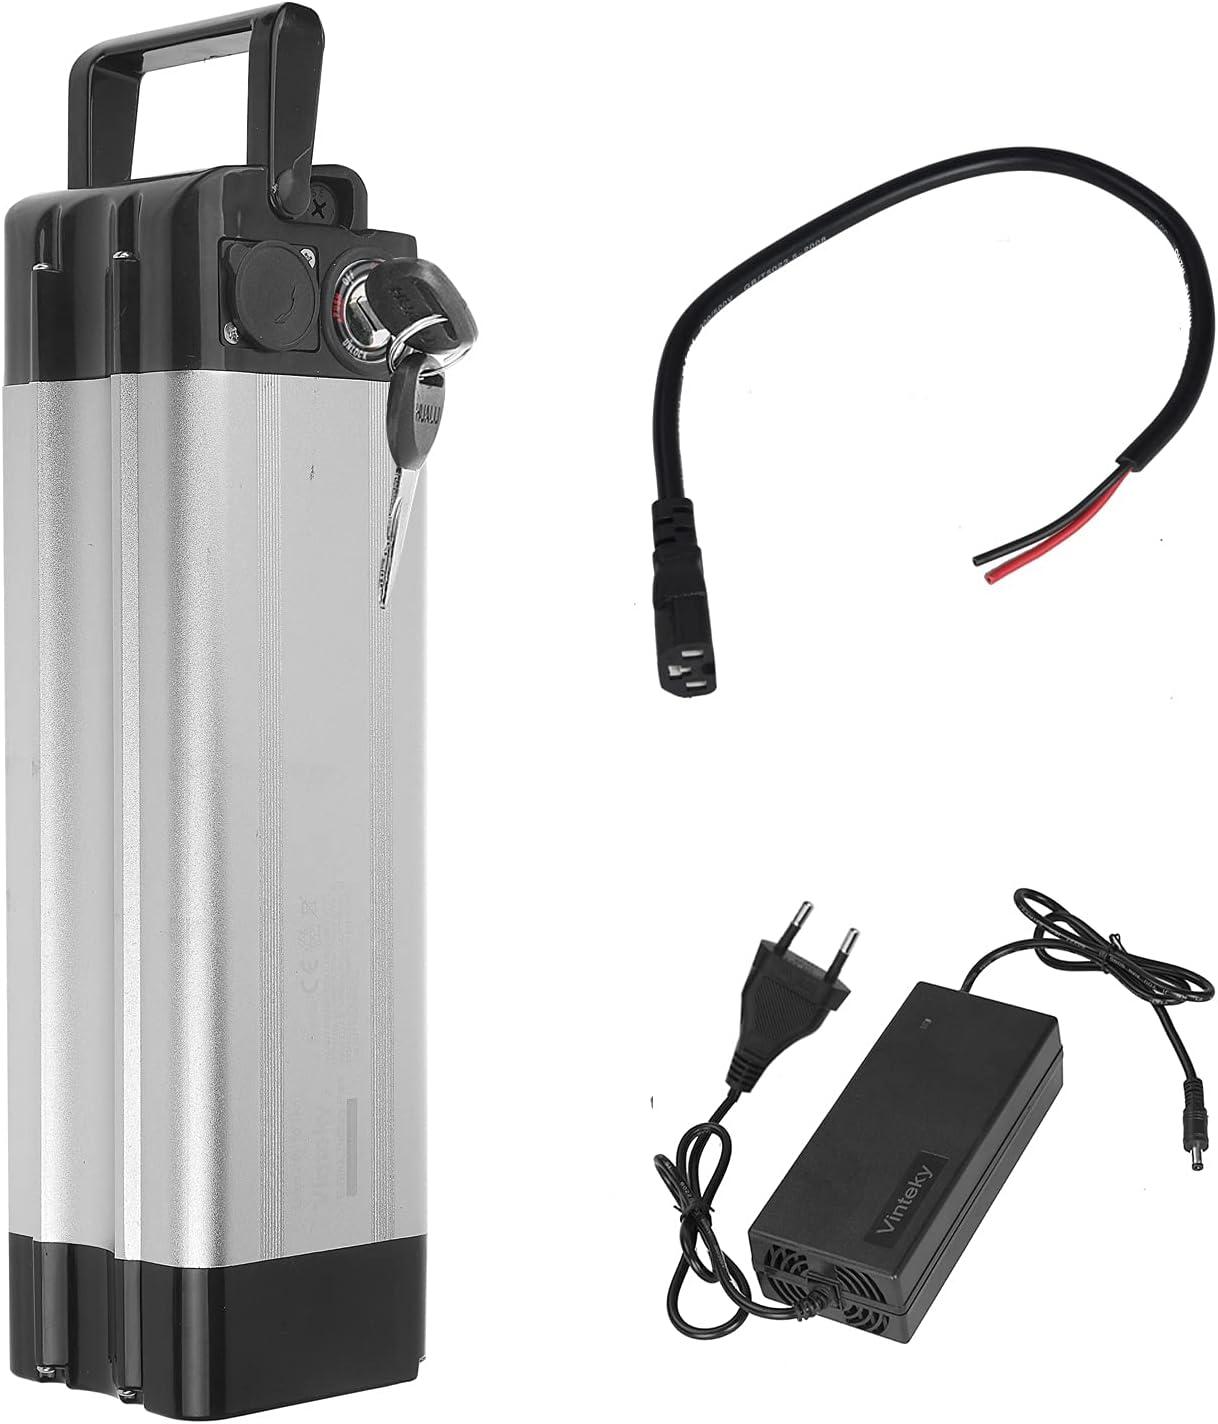 Vinteky Ebike Battery 24V 15AH Batería para Bicicleta de Iones de Litio con Cargador y Soporte